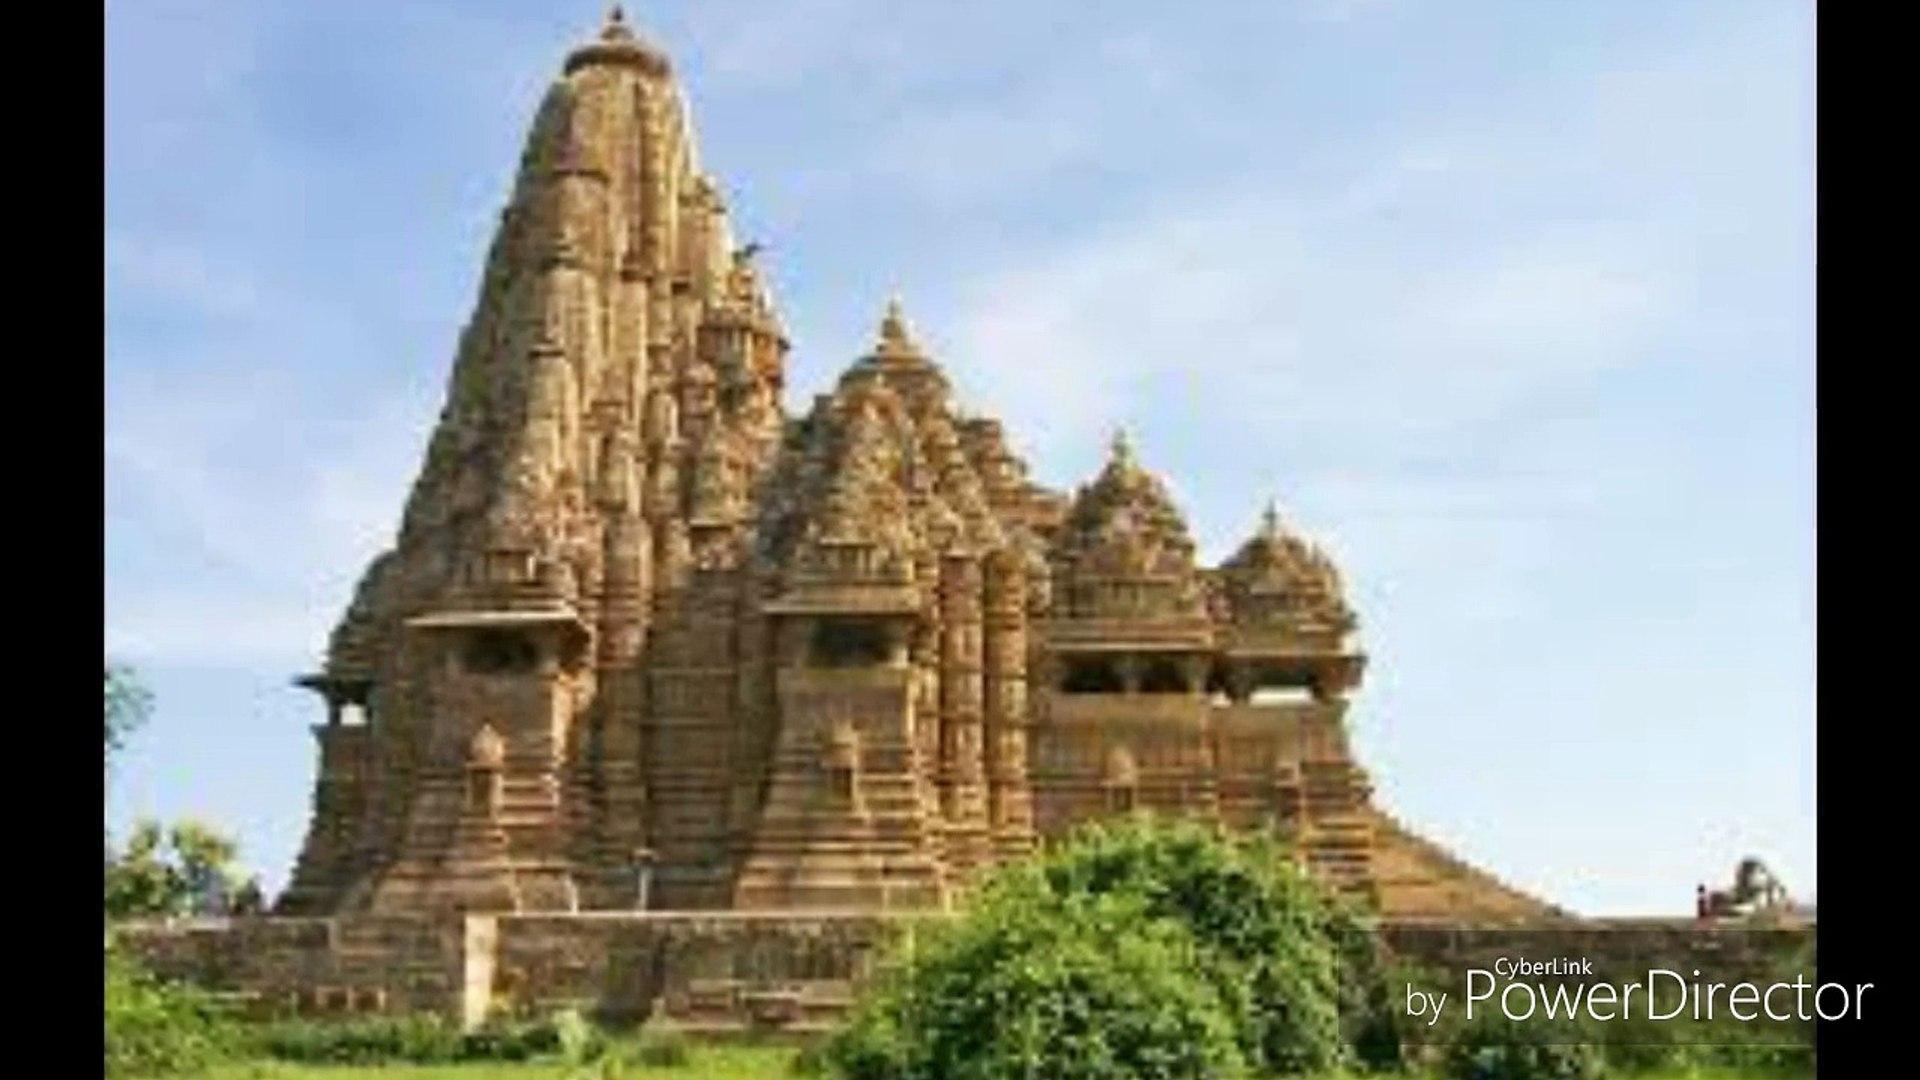 Kandariya Mahadeva Temple(khajuraho temple) | History of Khajuraho Temples